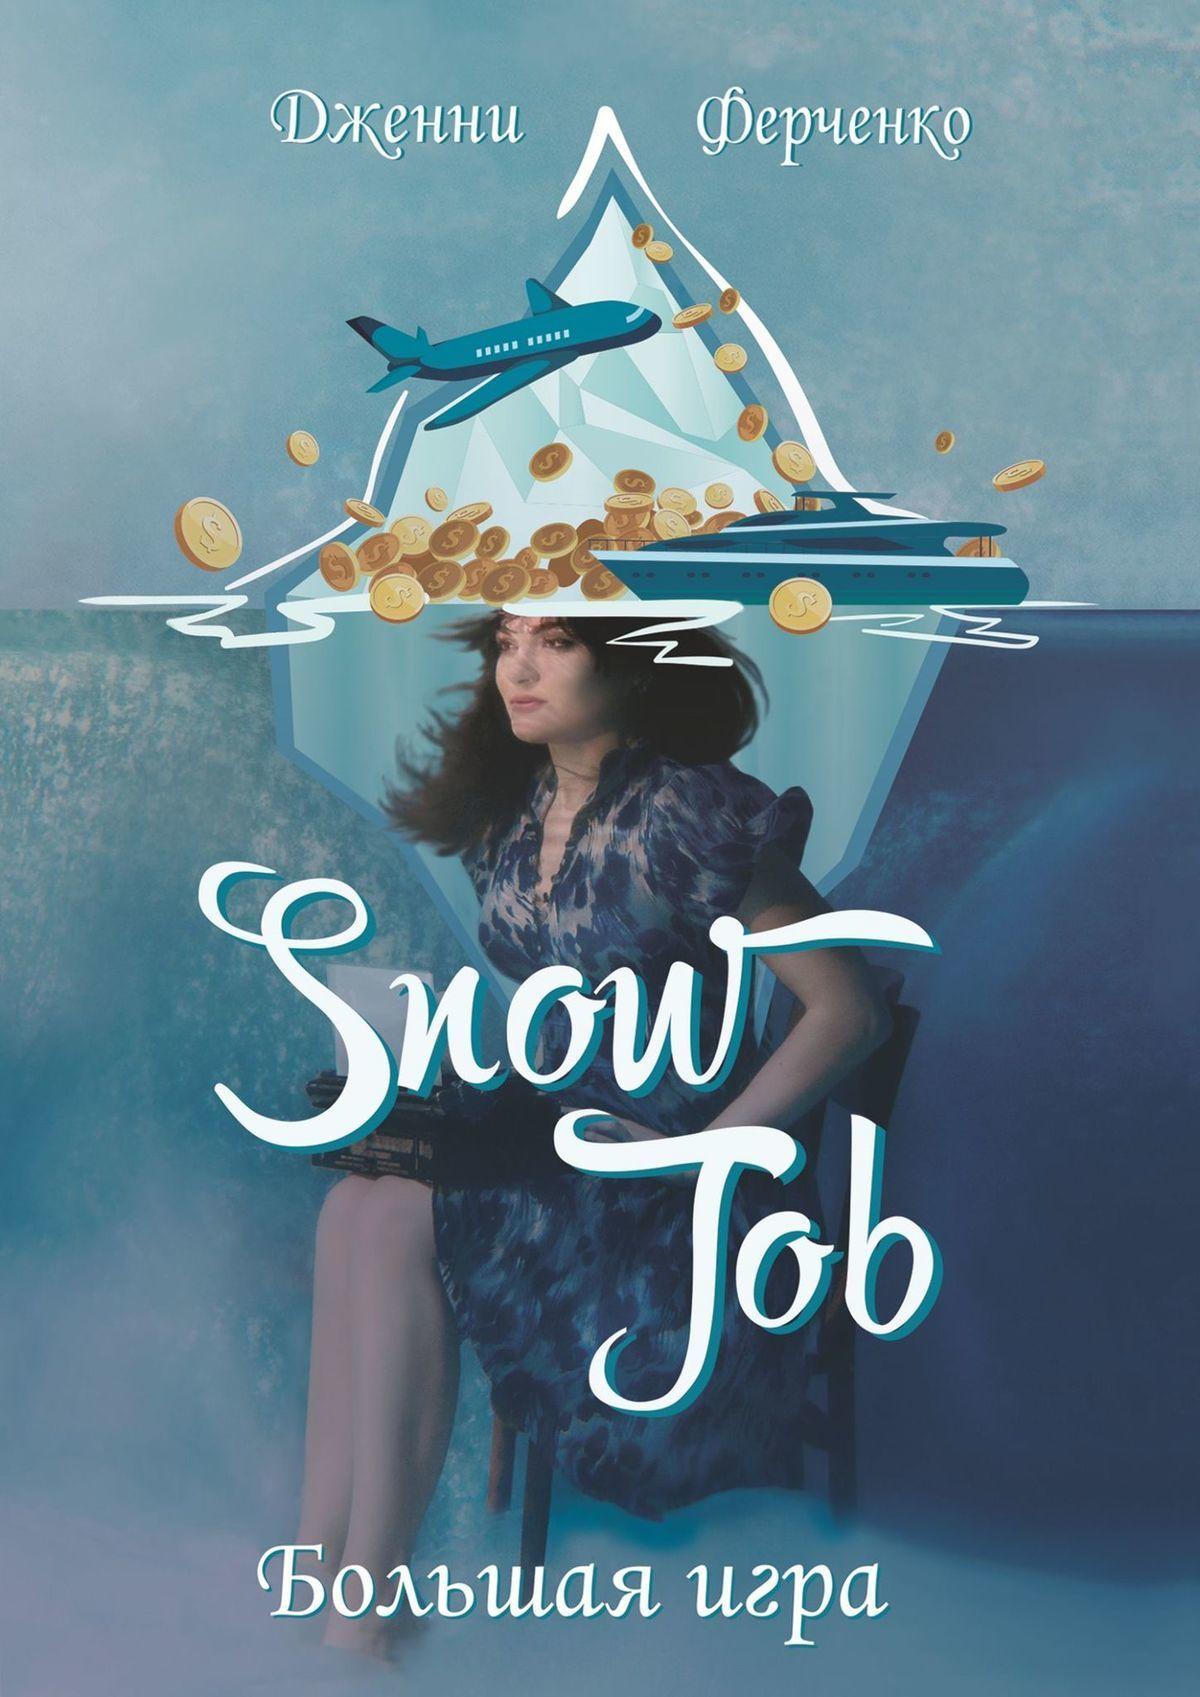 Дженни Ферченко - Snow Job. Большая игра